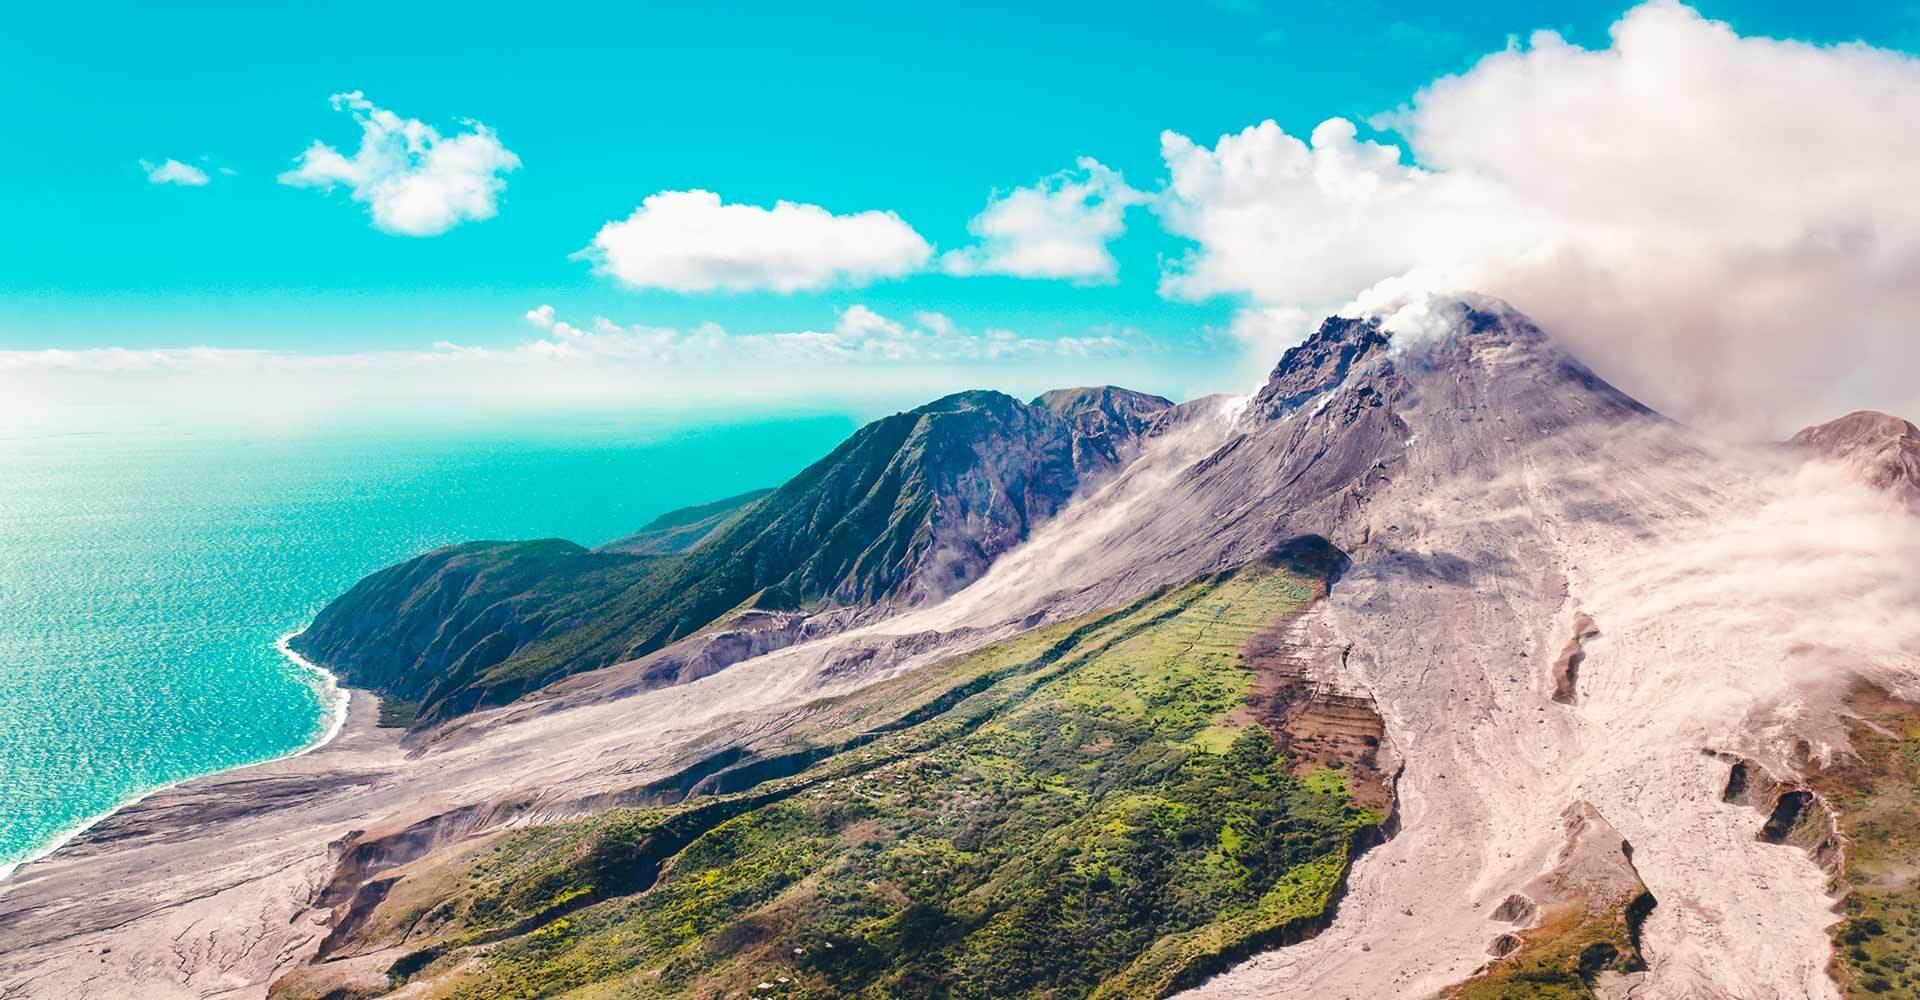 Landscape view of Montserrat